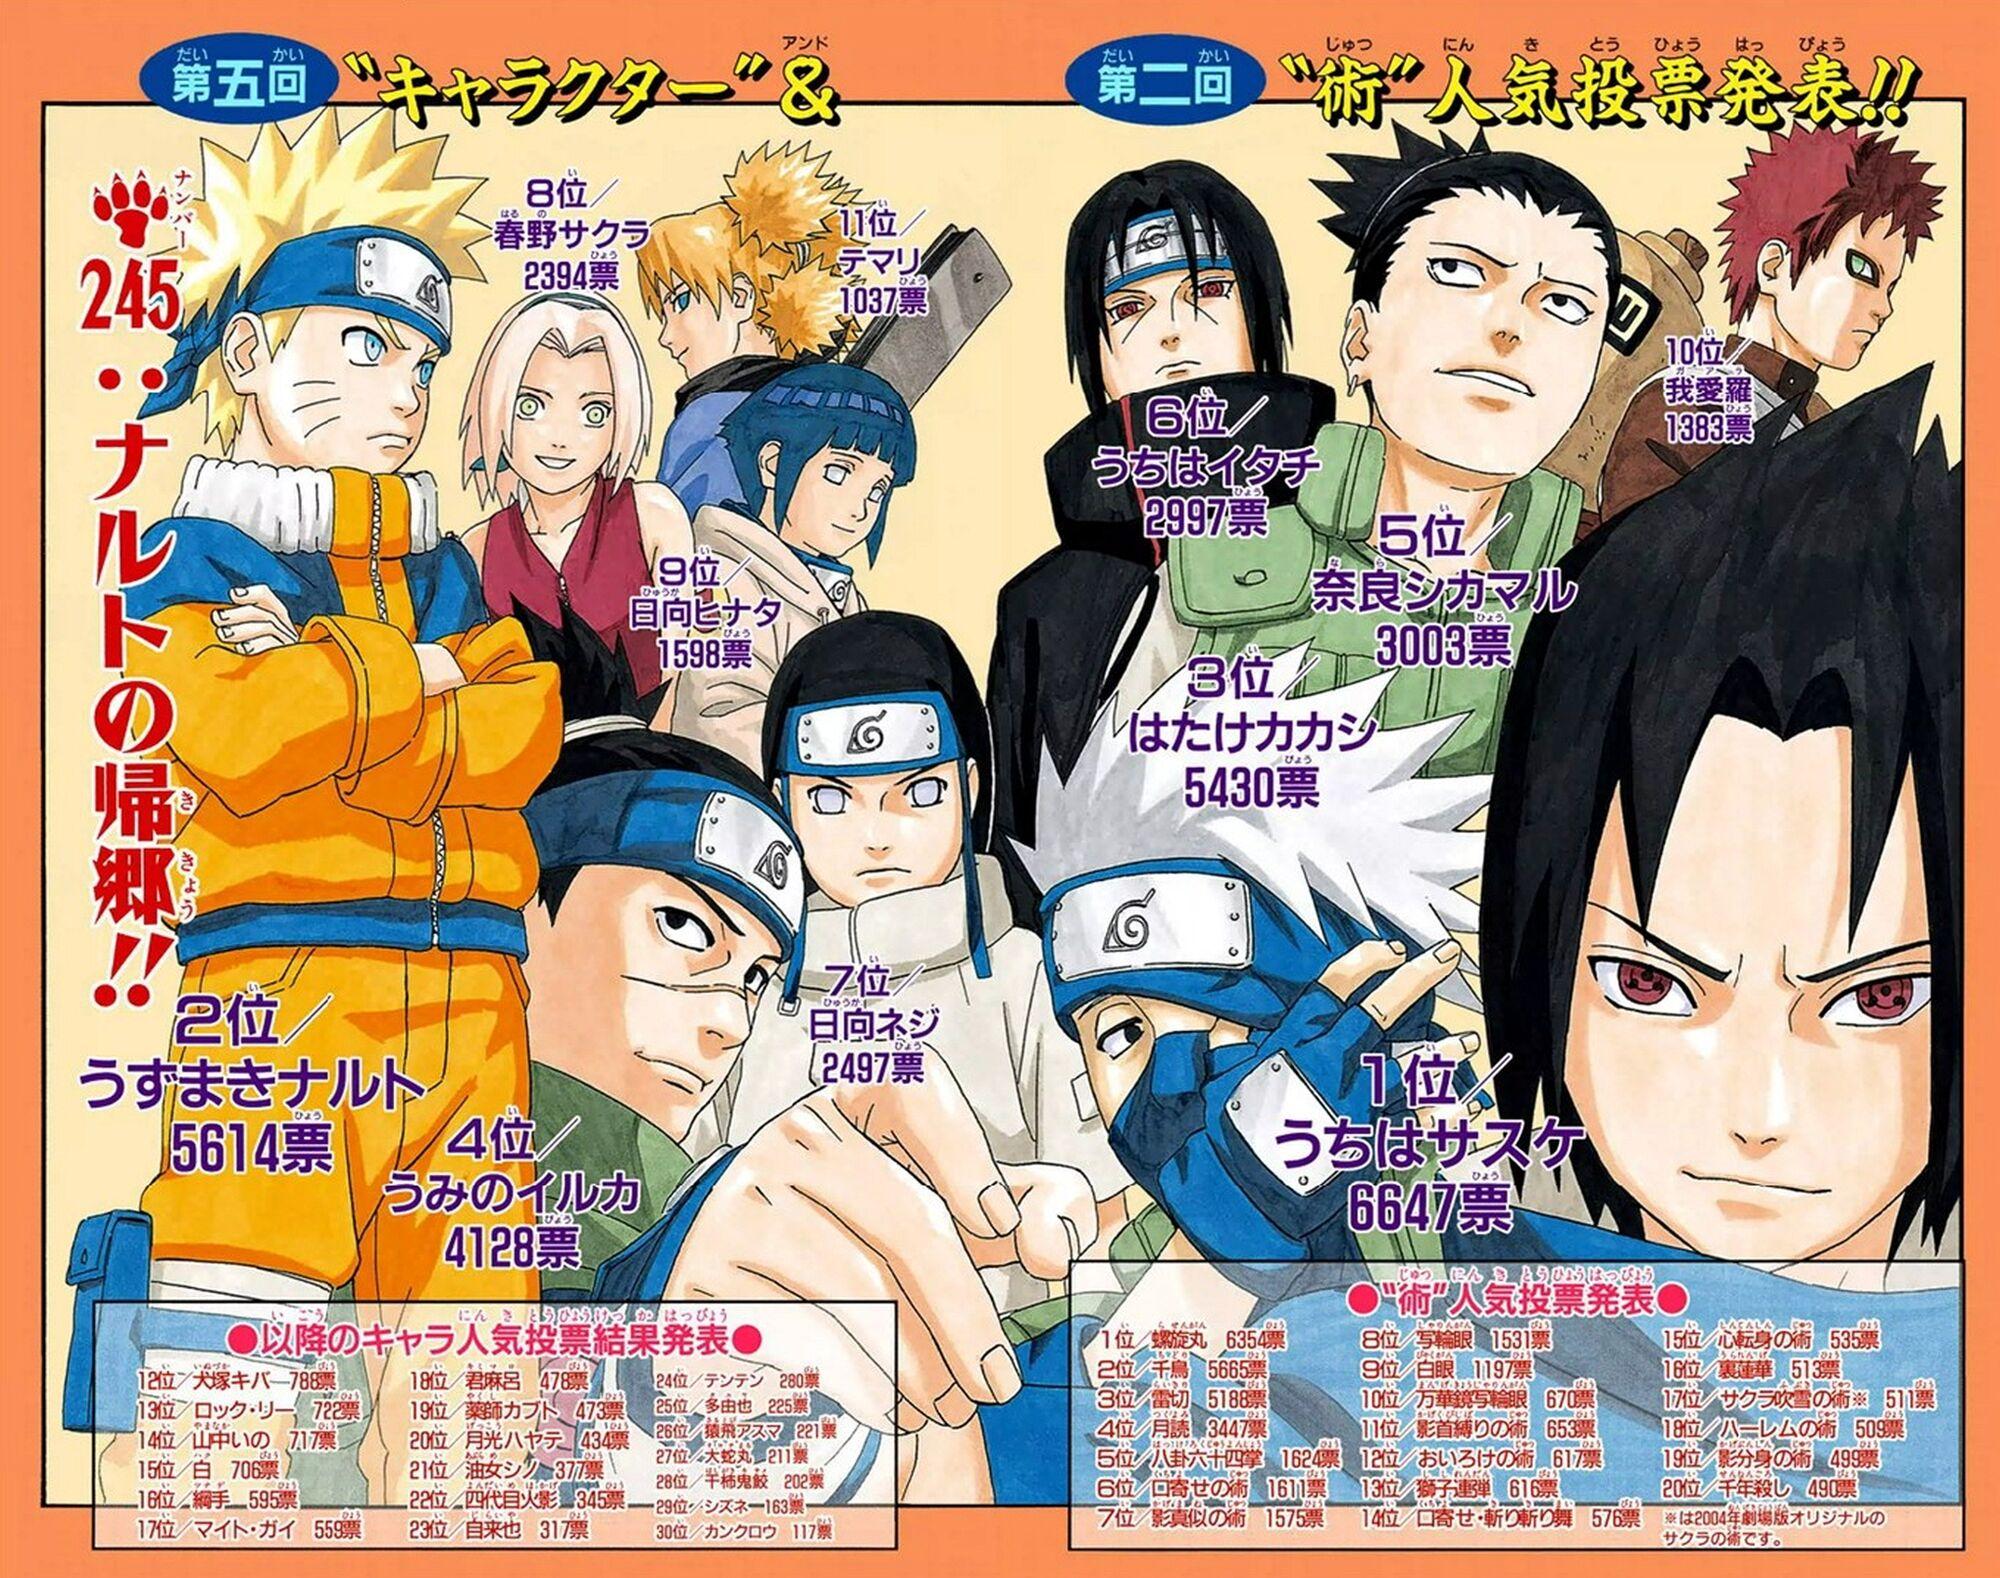 Naruto Character Popularity Polls   Narutopedia   FANDOM ...